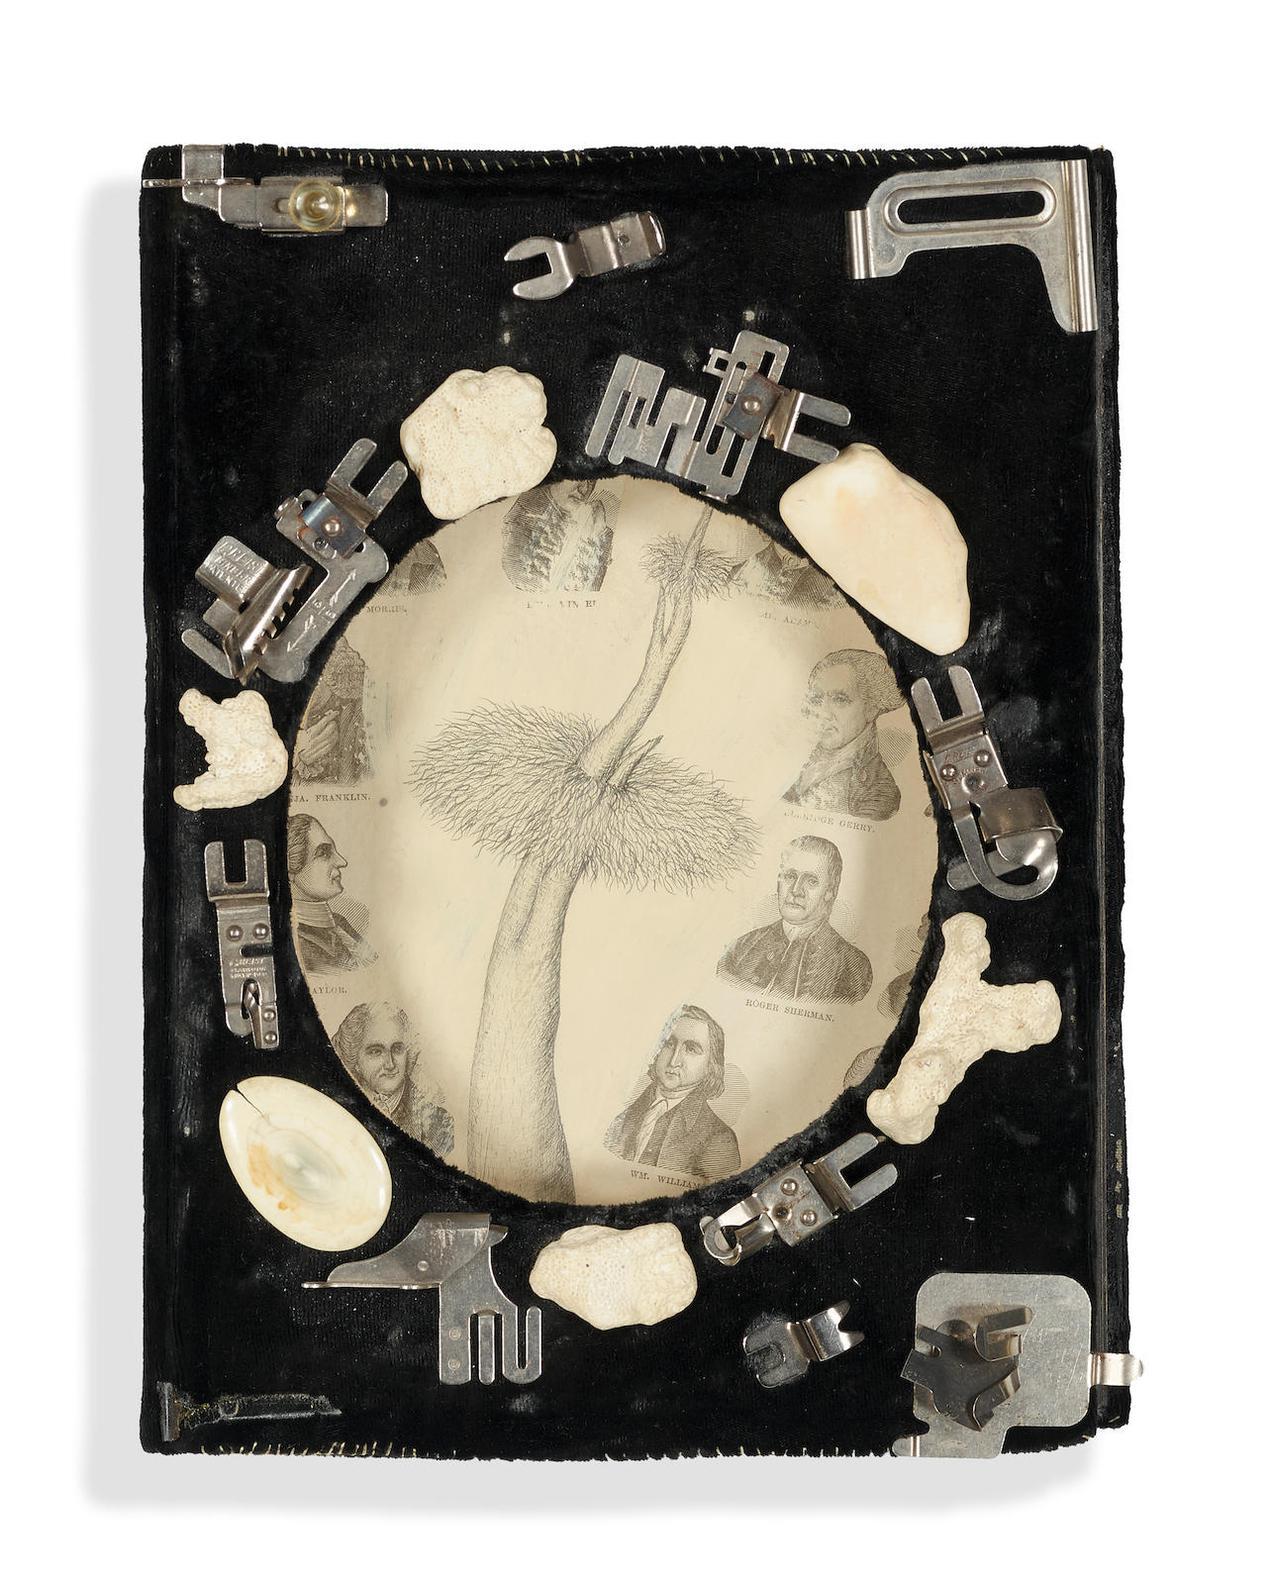 Lezley Saar - Untitled, Untitled-1990